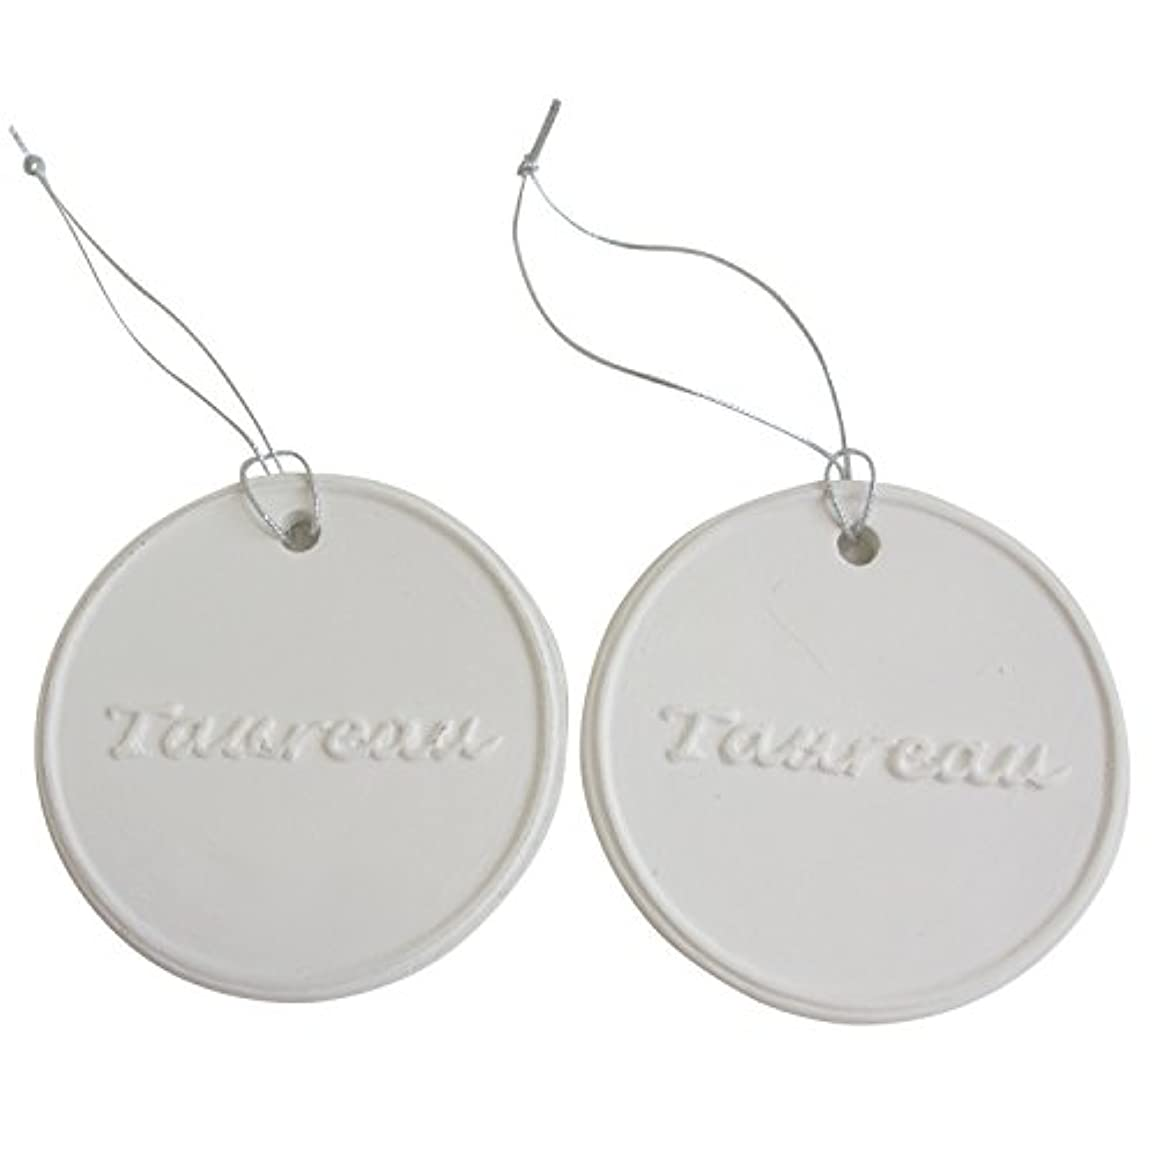 不信倒産交換可能アロマストーン ホワイトコイン2セット(レター2)アクセサリー 小物 キーホルダー アロマディフューザー ペンダント 陶器製